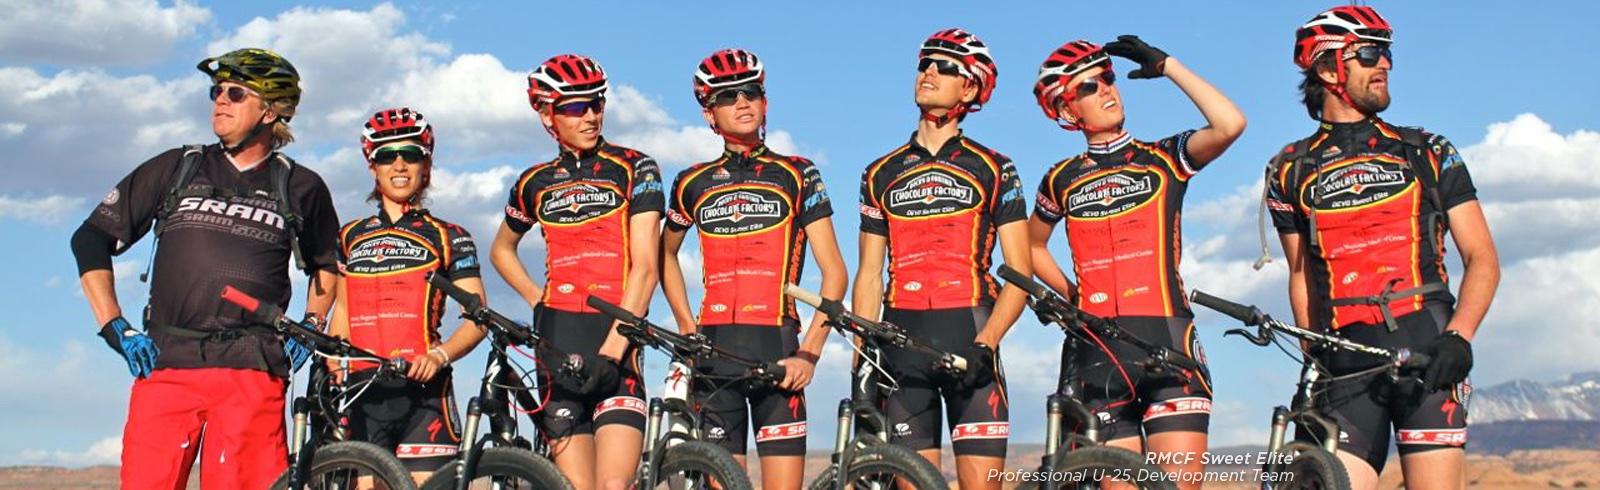 Sportdryck för cykling